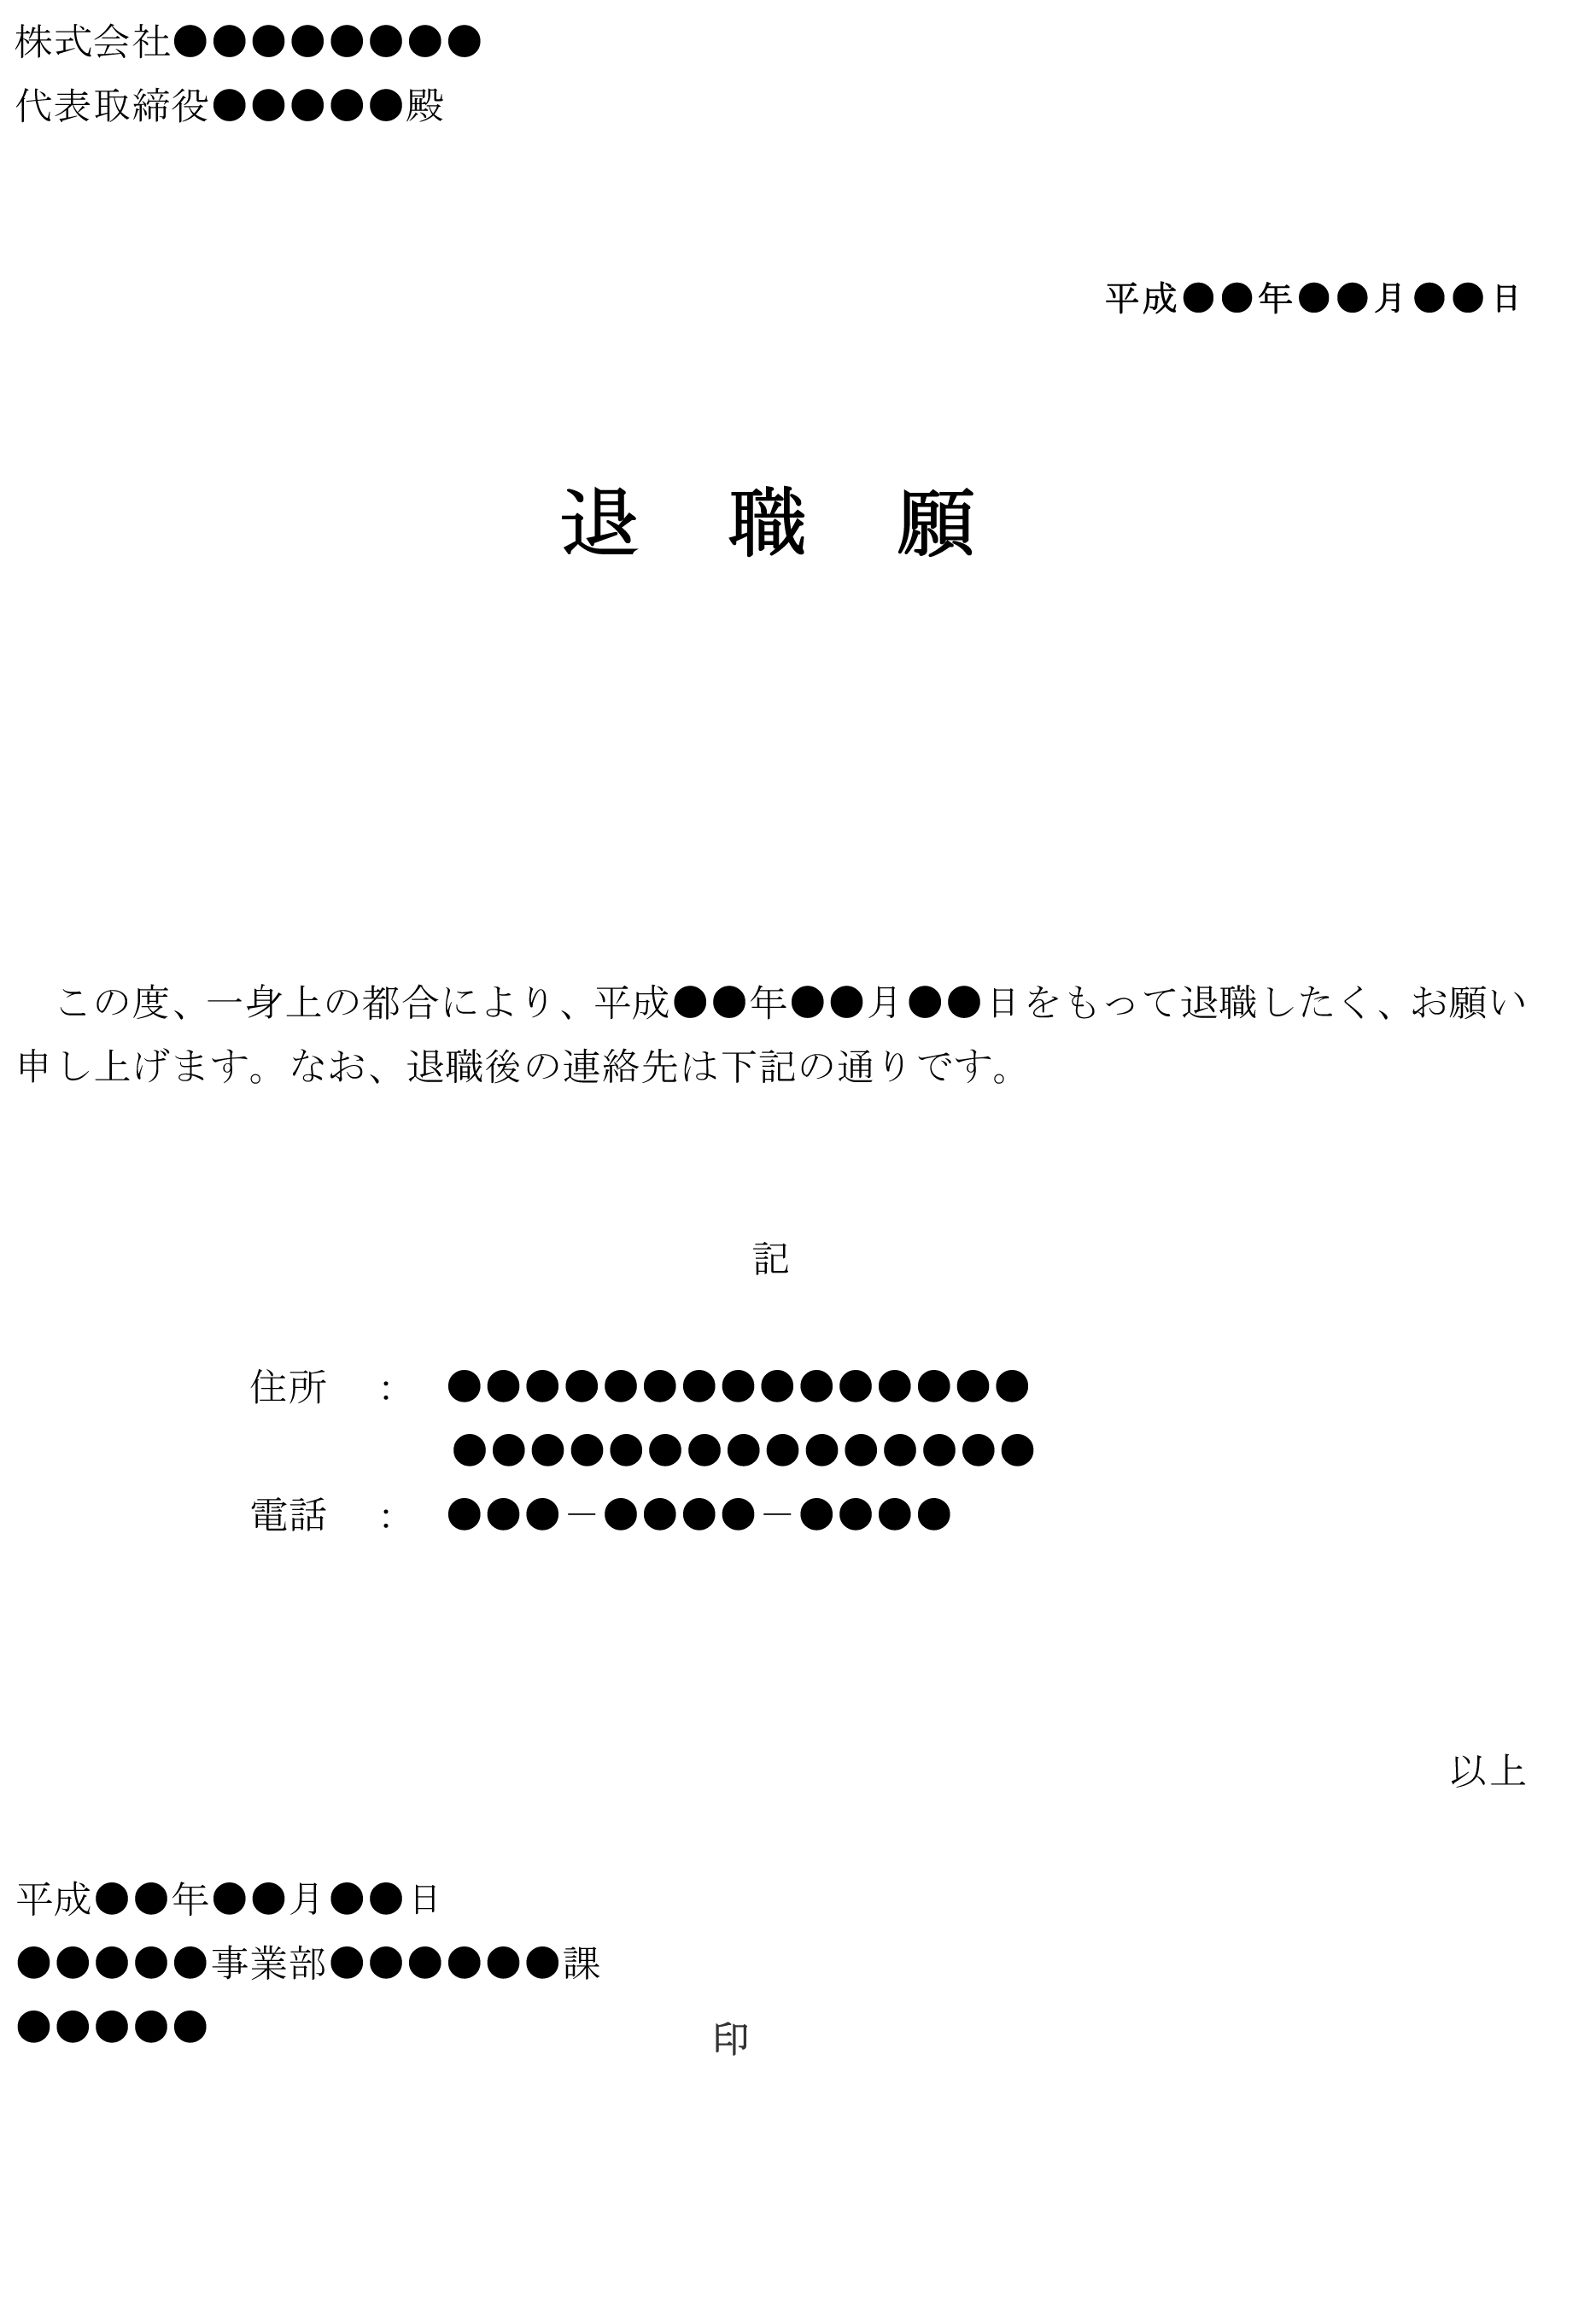 退職願い04